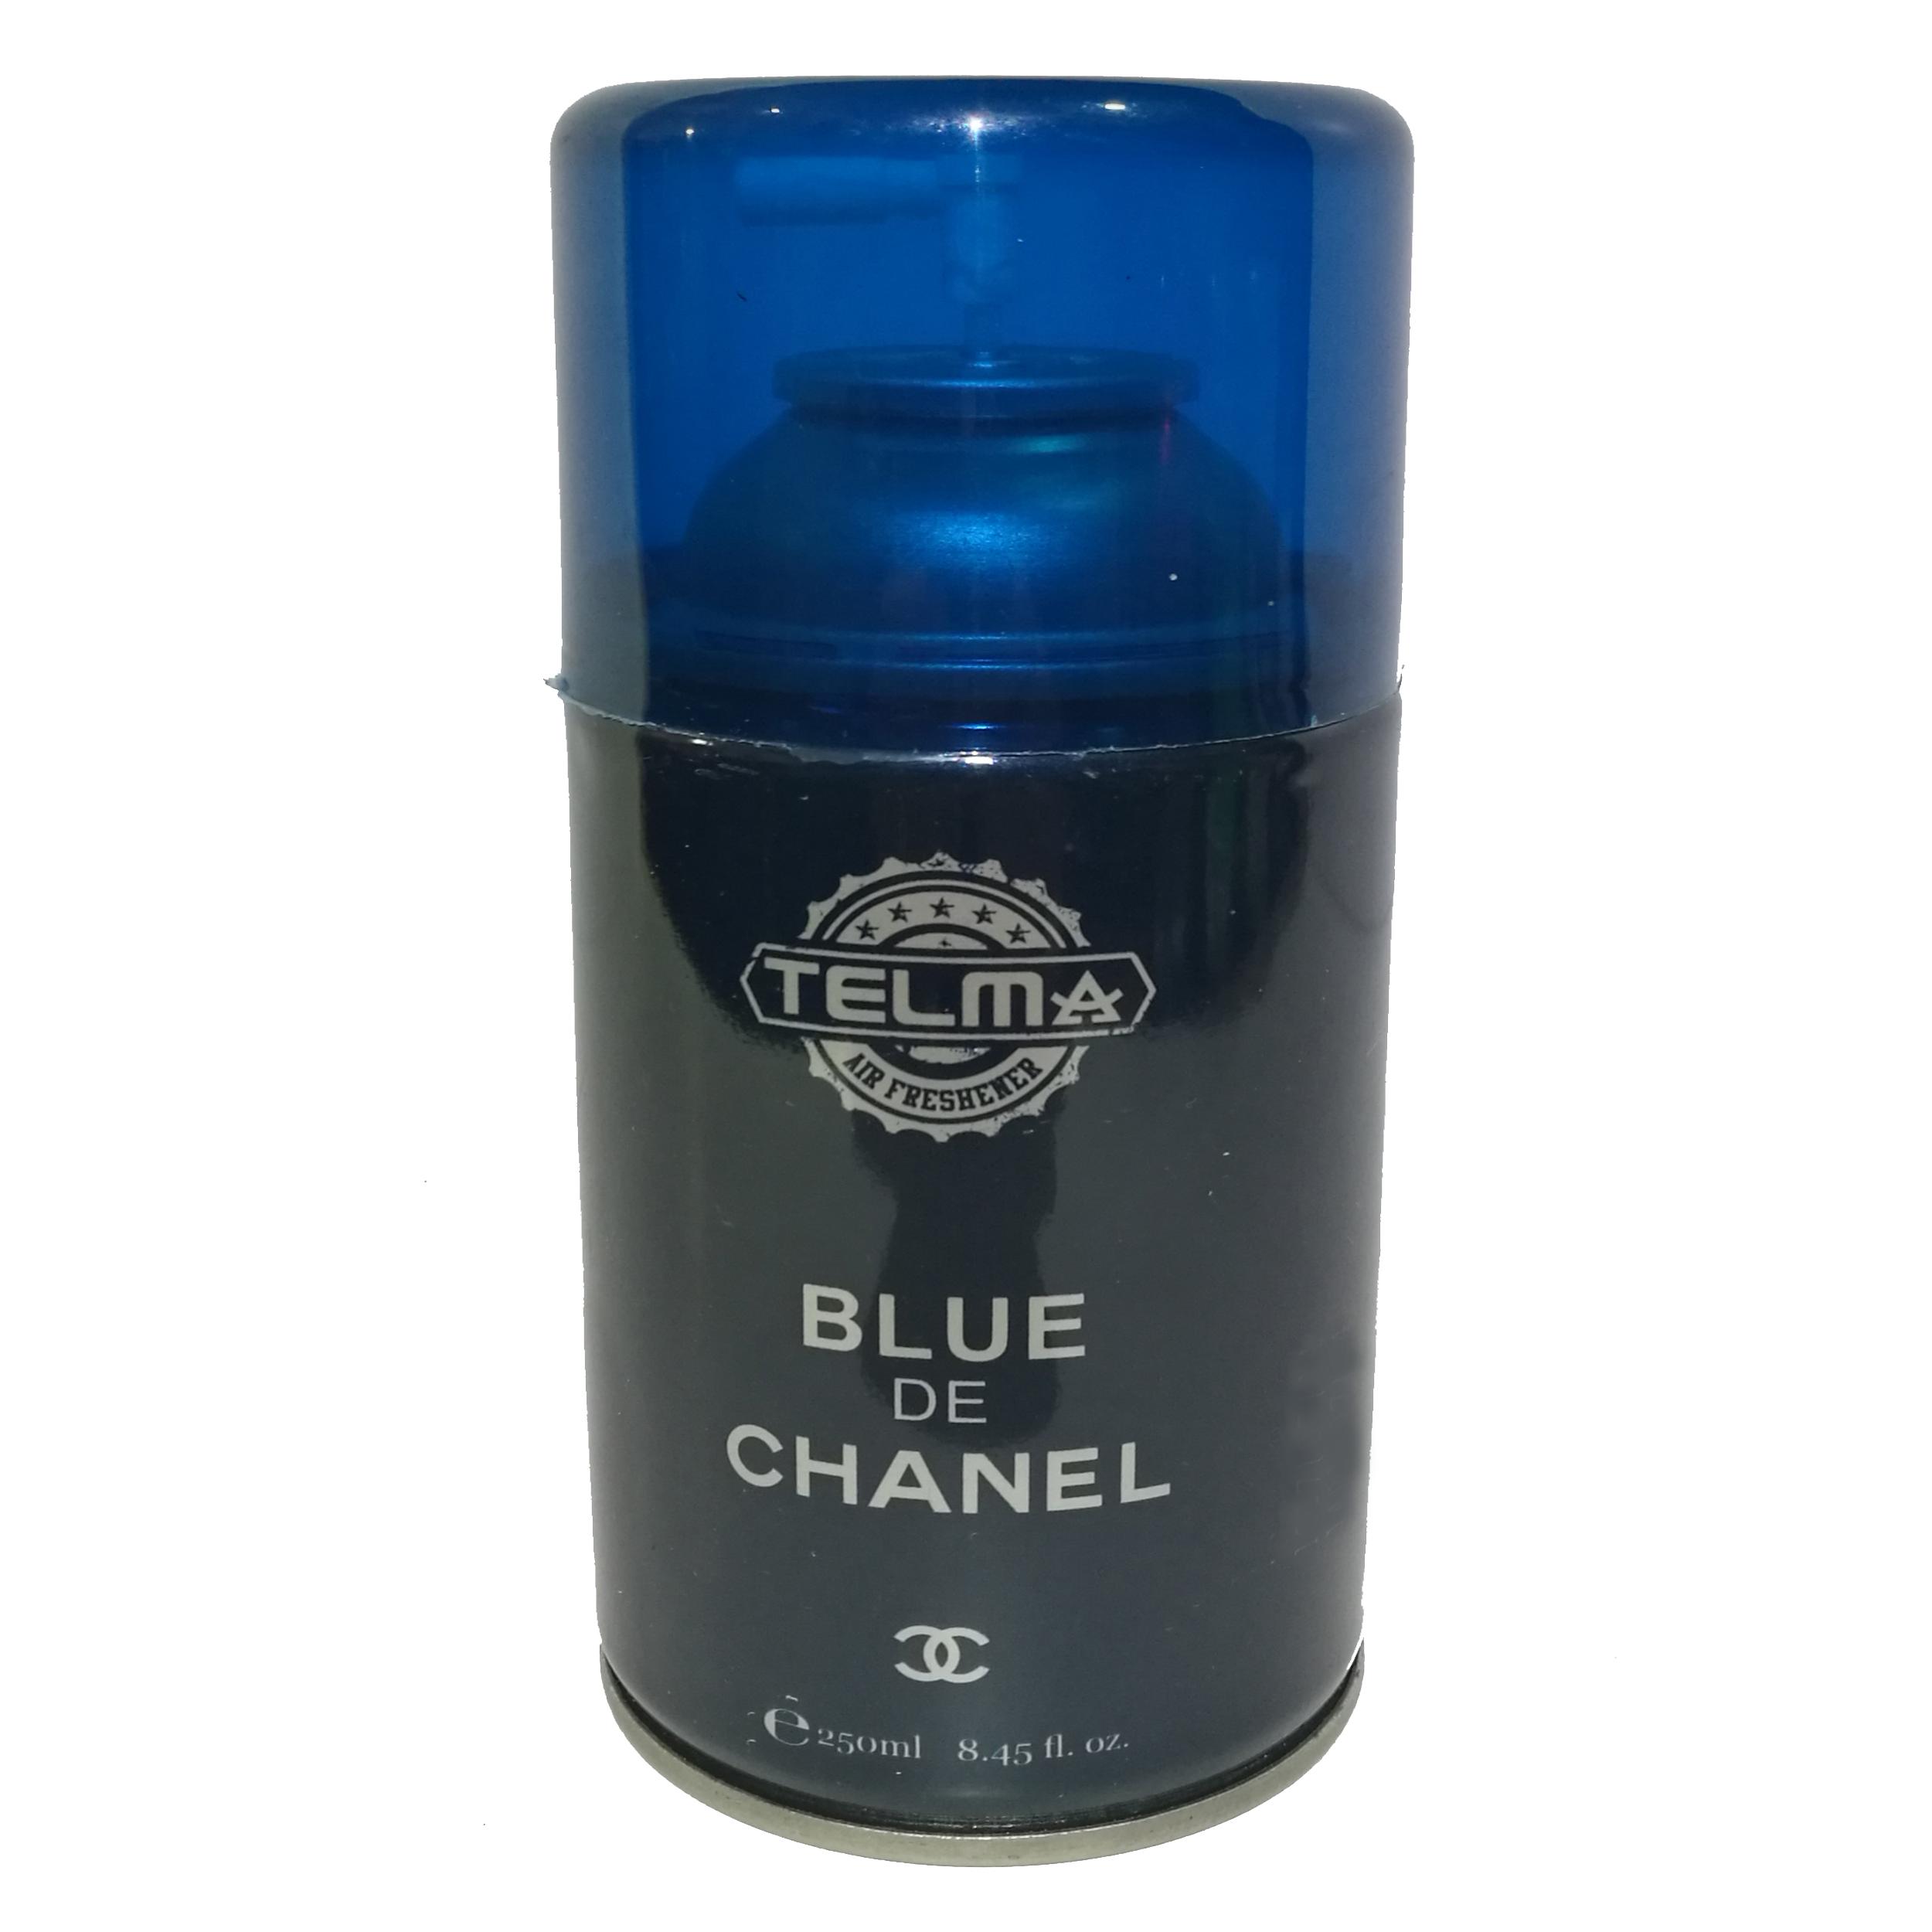 اسپری خوشبو کننده هوا تلما مدل  BLUE DE CHANEL حجم 250 میلی لیتر